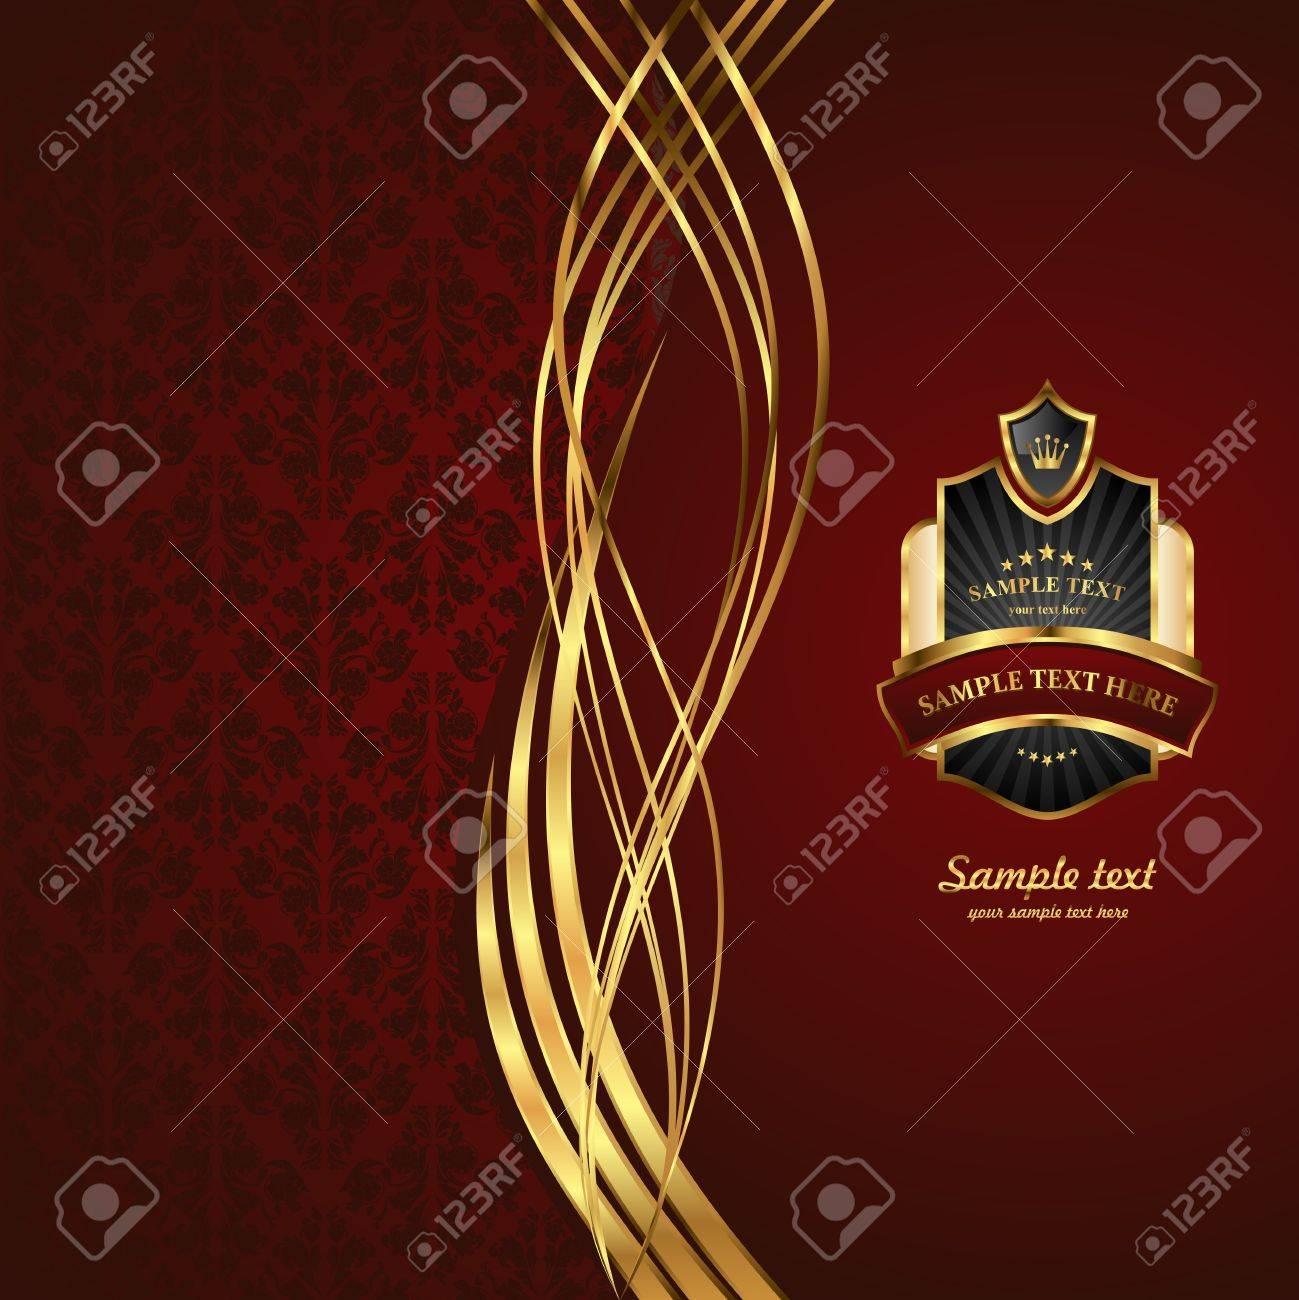 Gold background. Elegant vintage Illustration.image. Stock Vector - 14402570